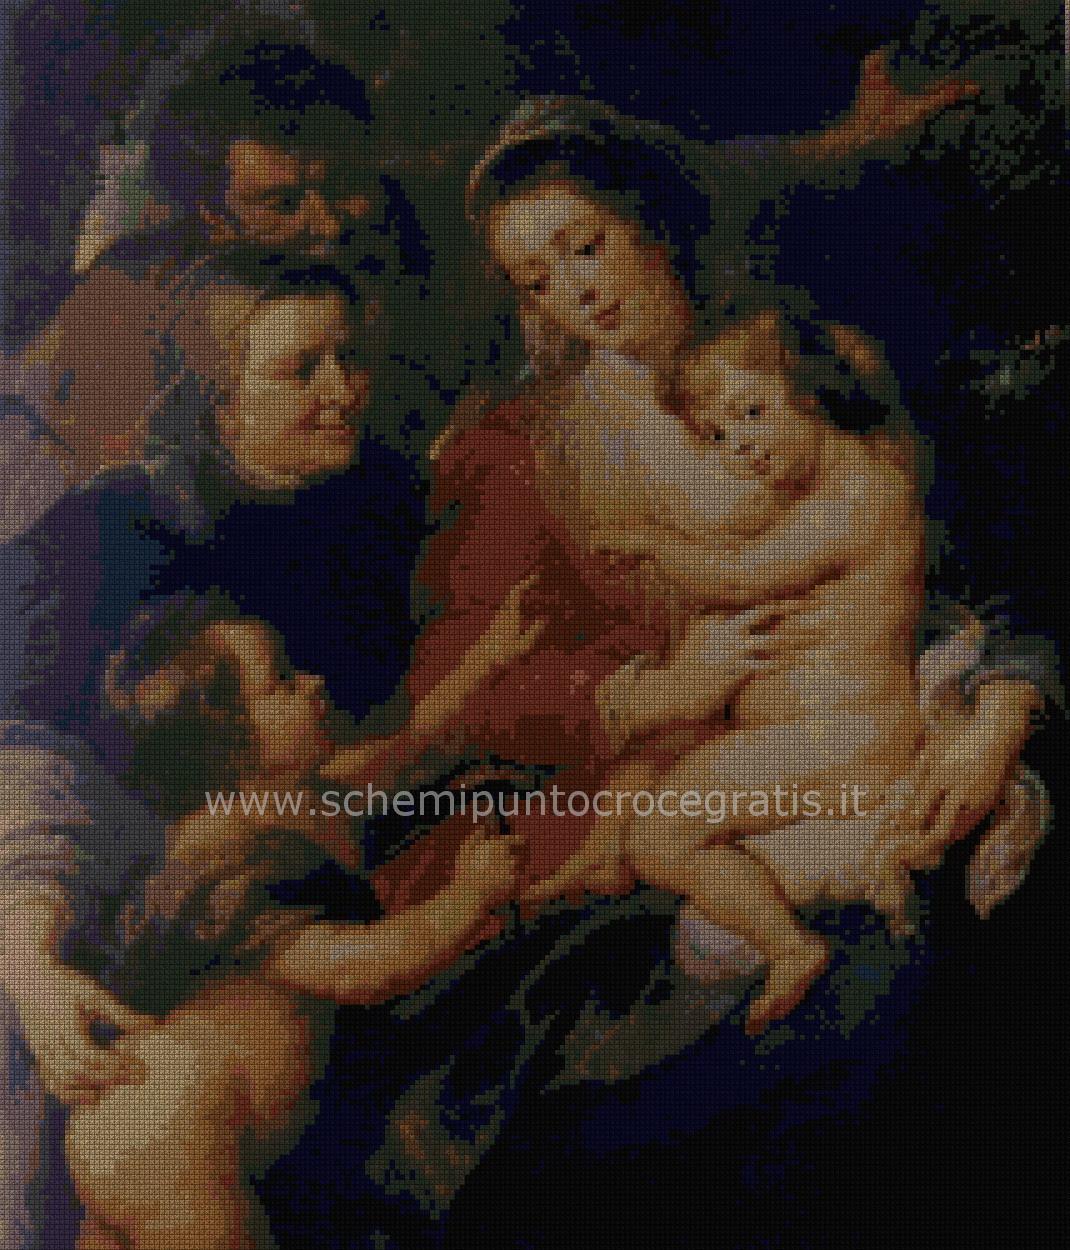 pittori_classici/rubens/rubens_10s.jpg